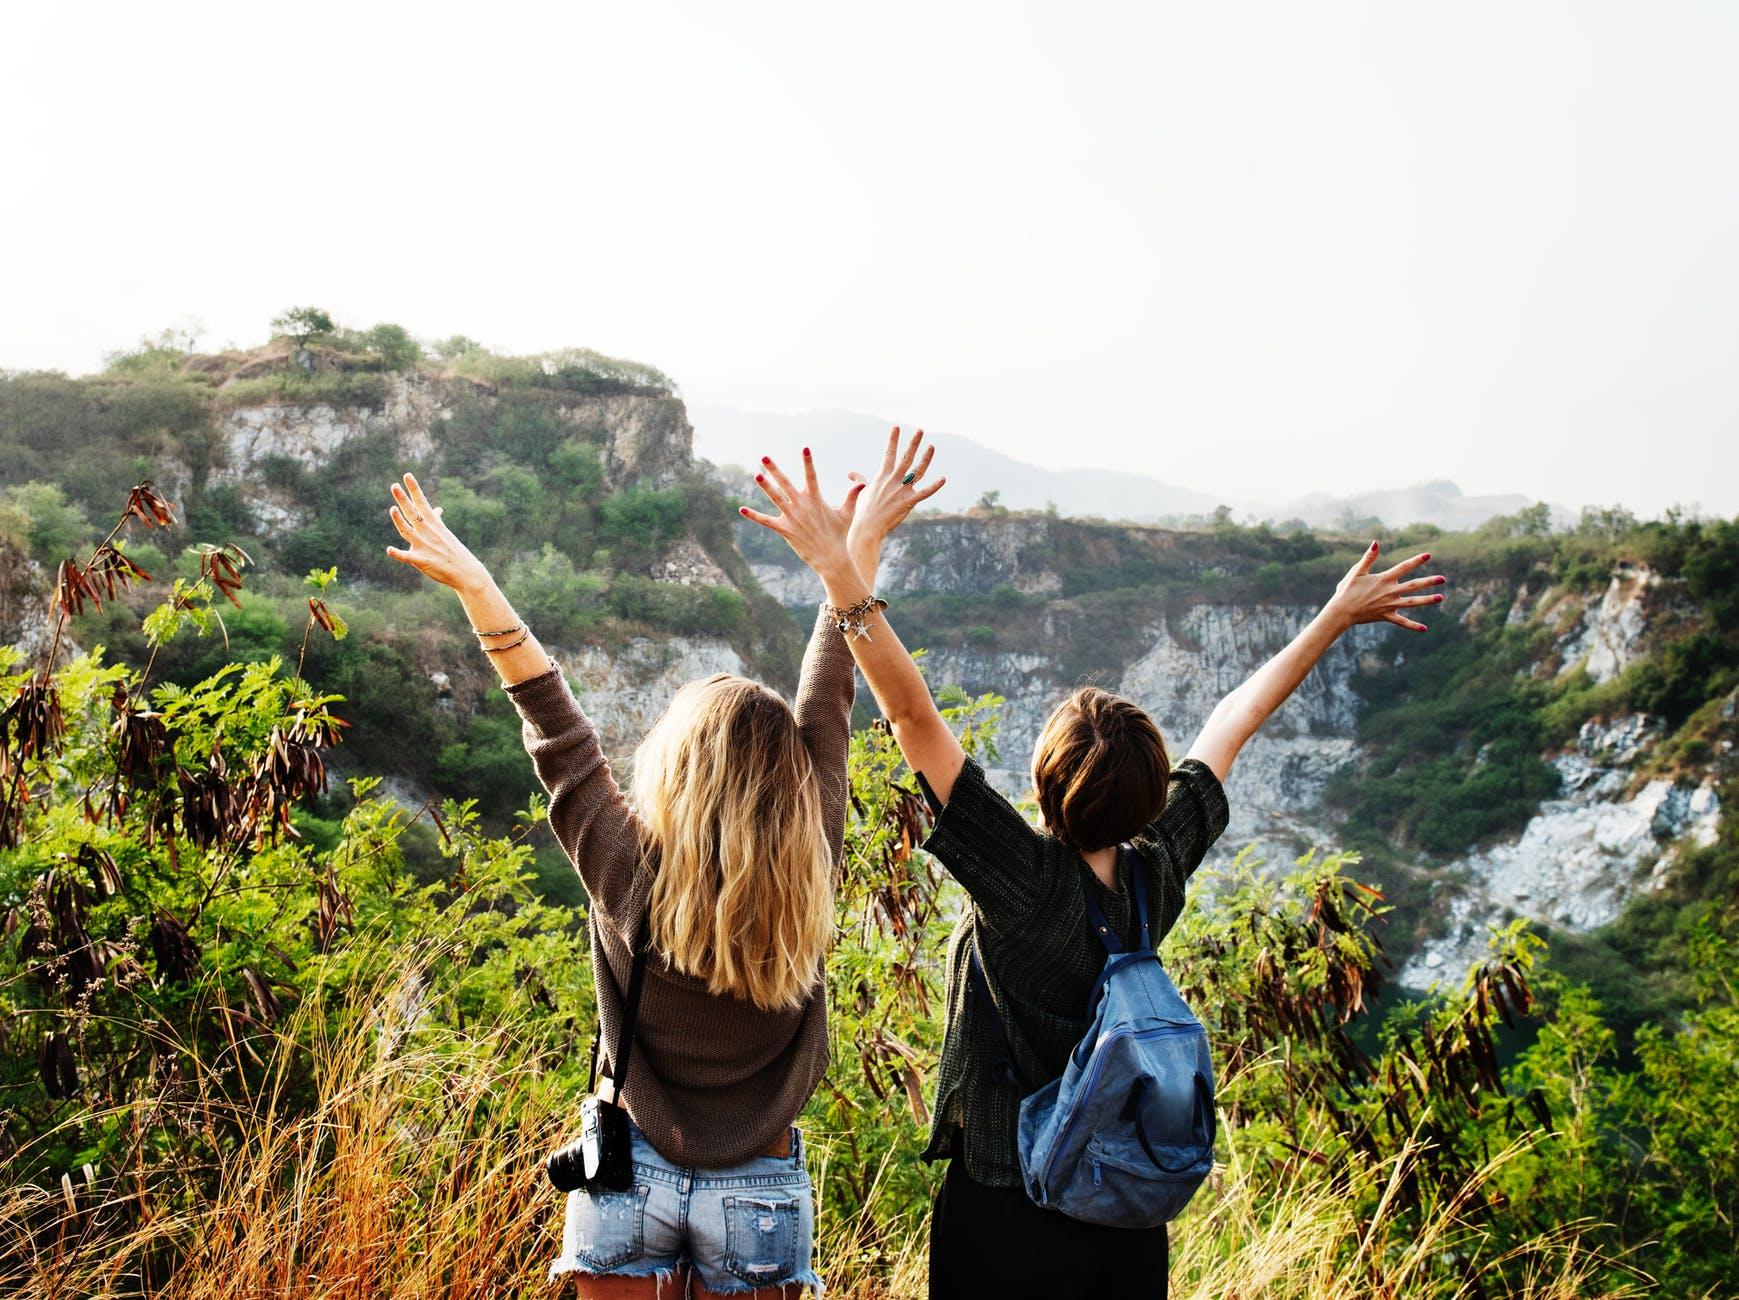 casual cliffs enjoyment environment